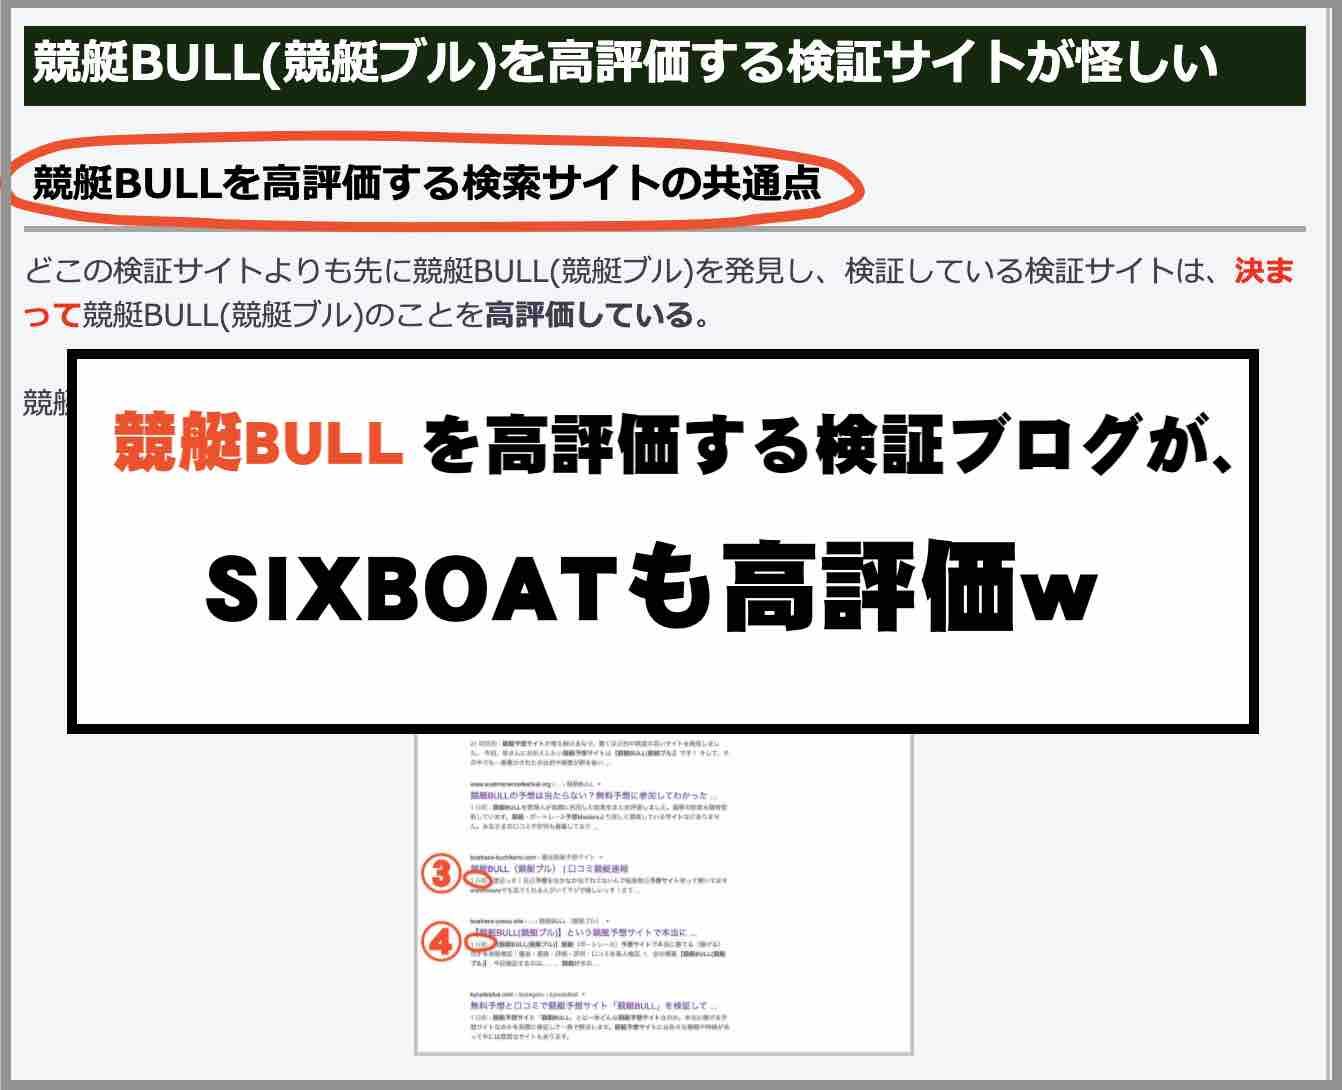 SIXBOAT(シックスボート)という競艇予想サイト(ボートレース予想サイト)のことを高評価する競艇ブログ